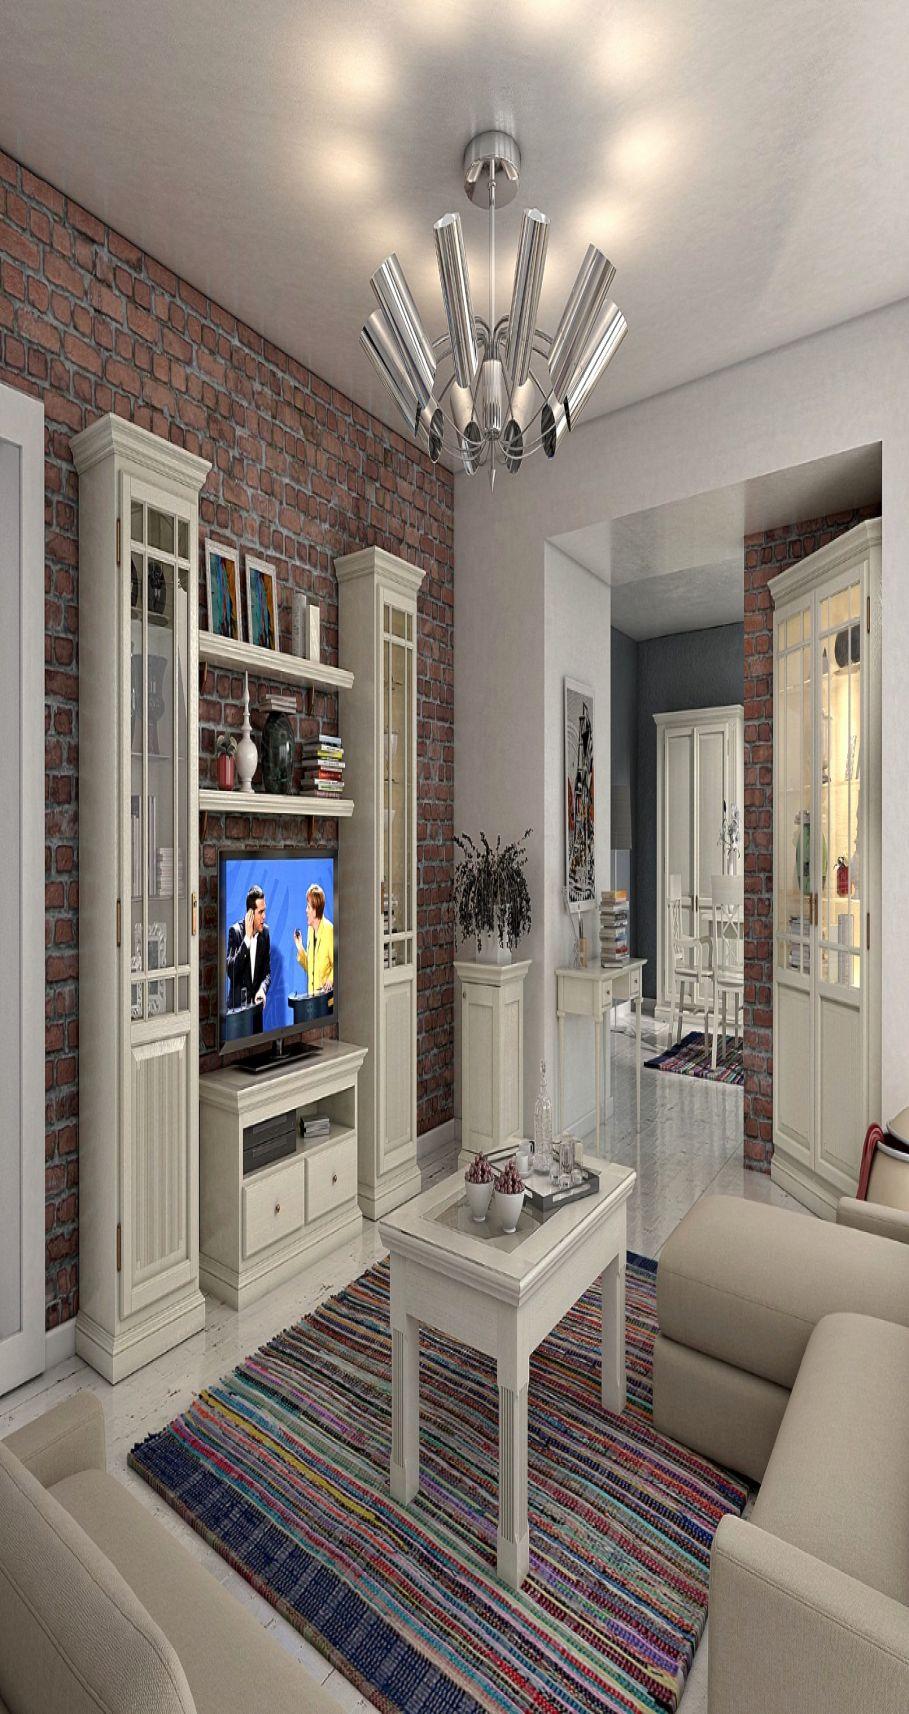 10 Schön Wohnzimmer Renovieren Ideen in 10  Modern room, House